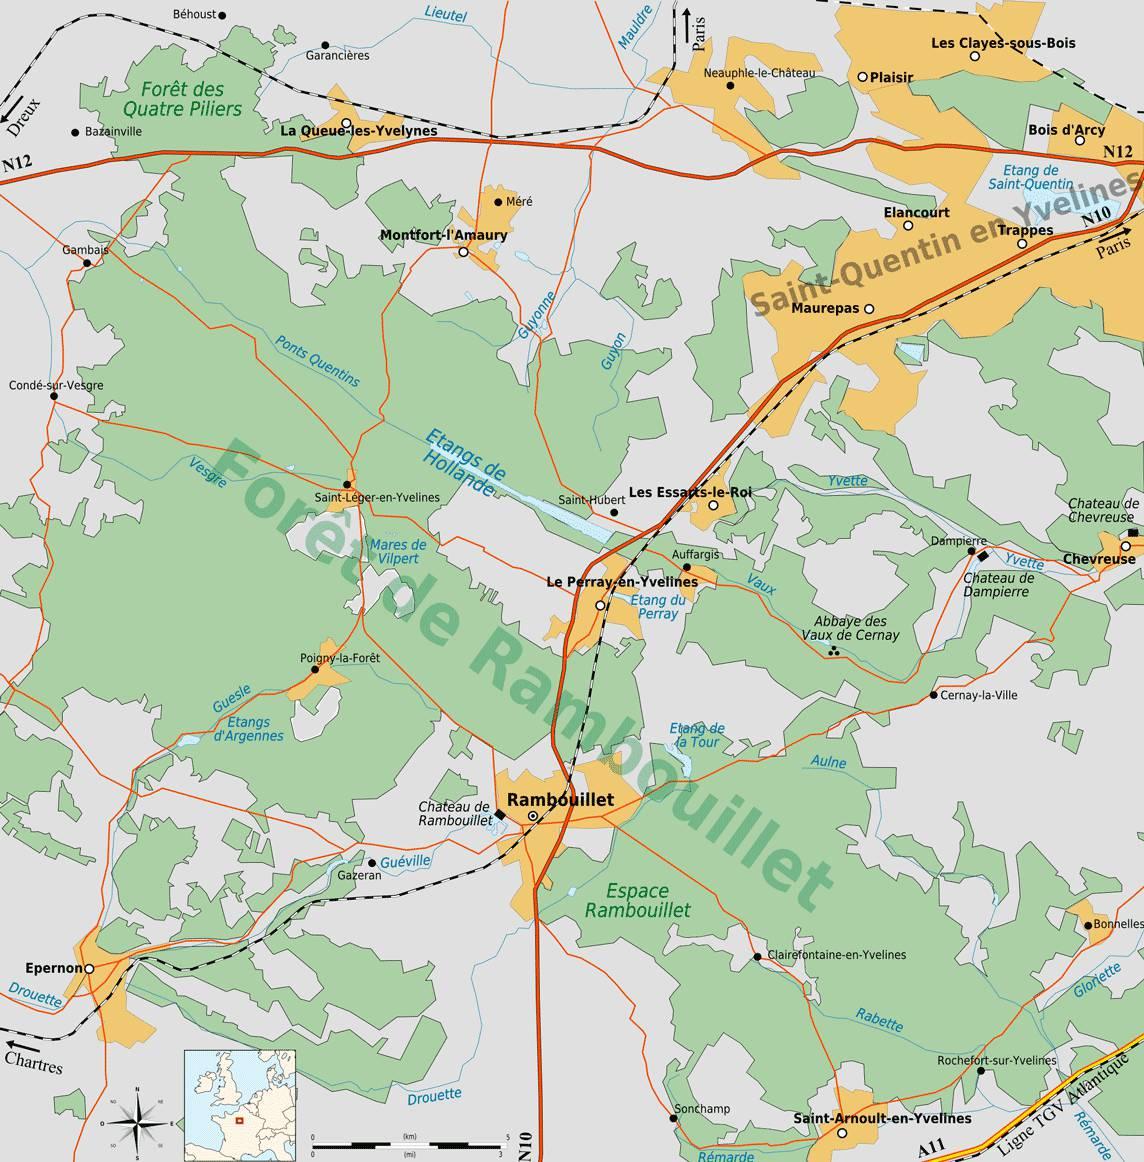 Plan de la Forêt de Rambouillet